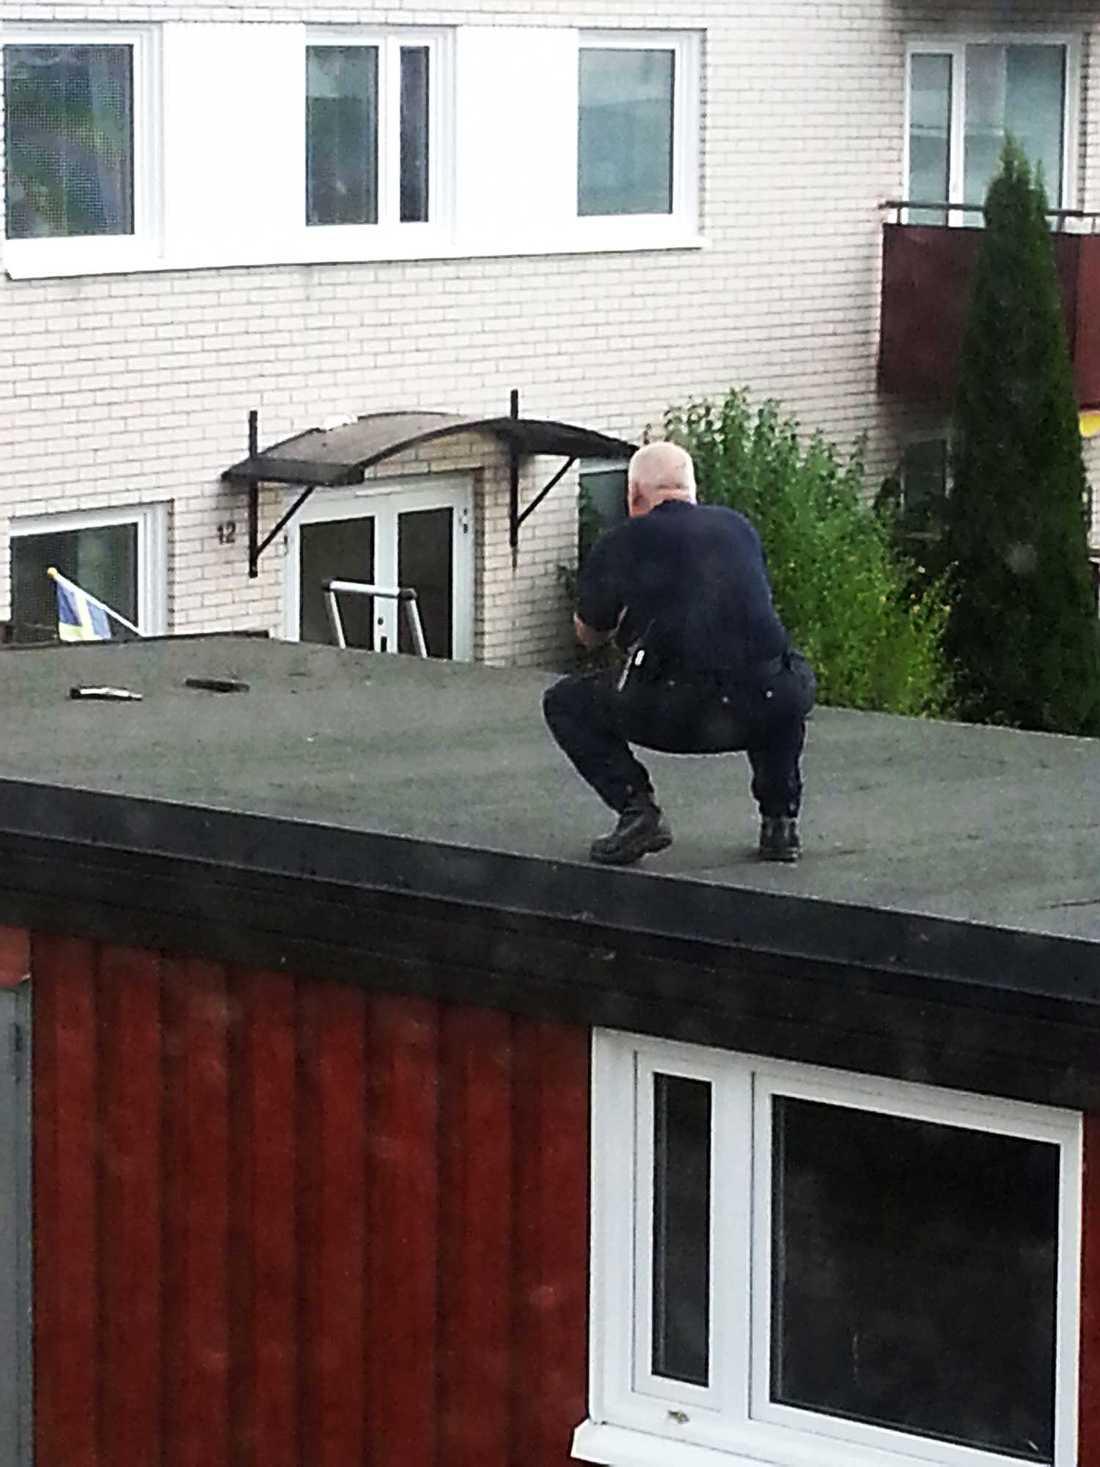 LÅG PÅ TAKET Uppslängt på ett tak i närheten av brottsplatsen har polisen hittat ett vapen som sätts i samband med dödsskjutningen av den 18-årige mannen i måndags kväll.